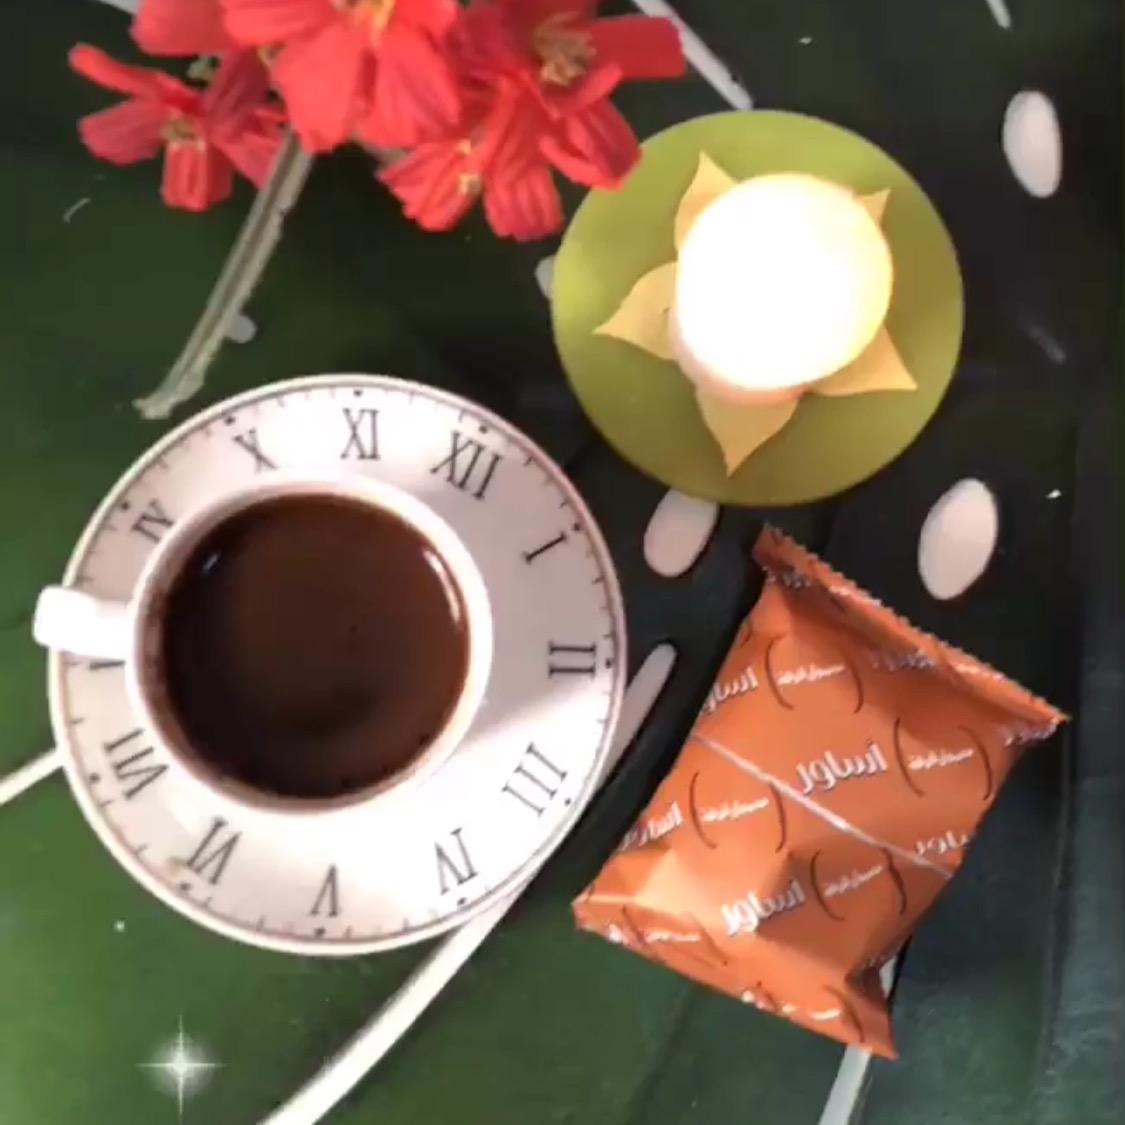 """يستحيل أن تبقى القهوة مرة ، حين تعدها """" إمرأة من سكر """". [عدستي]"""